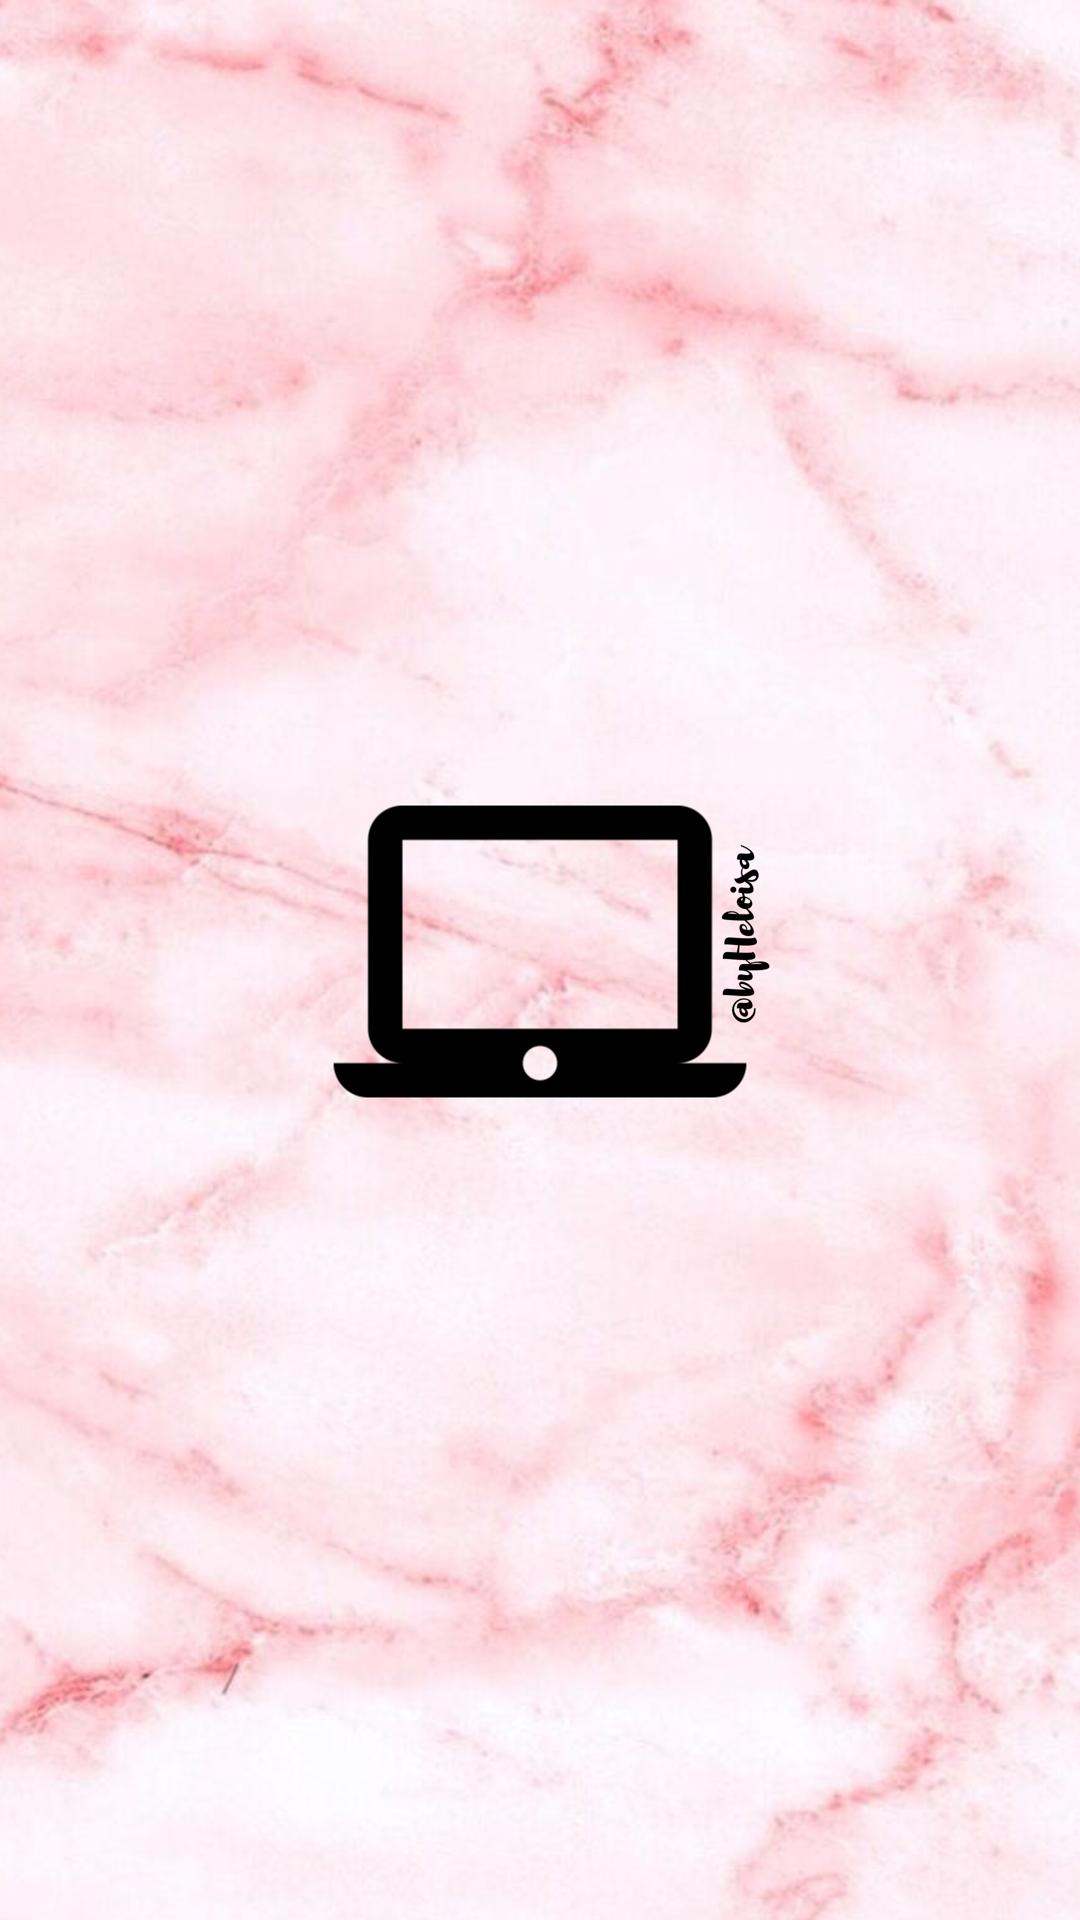 Capas de stories do Instagram Instagram logo, Instagram